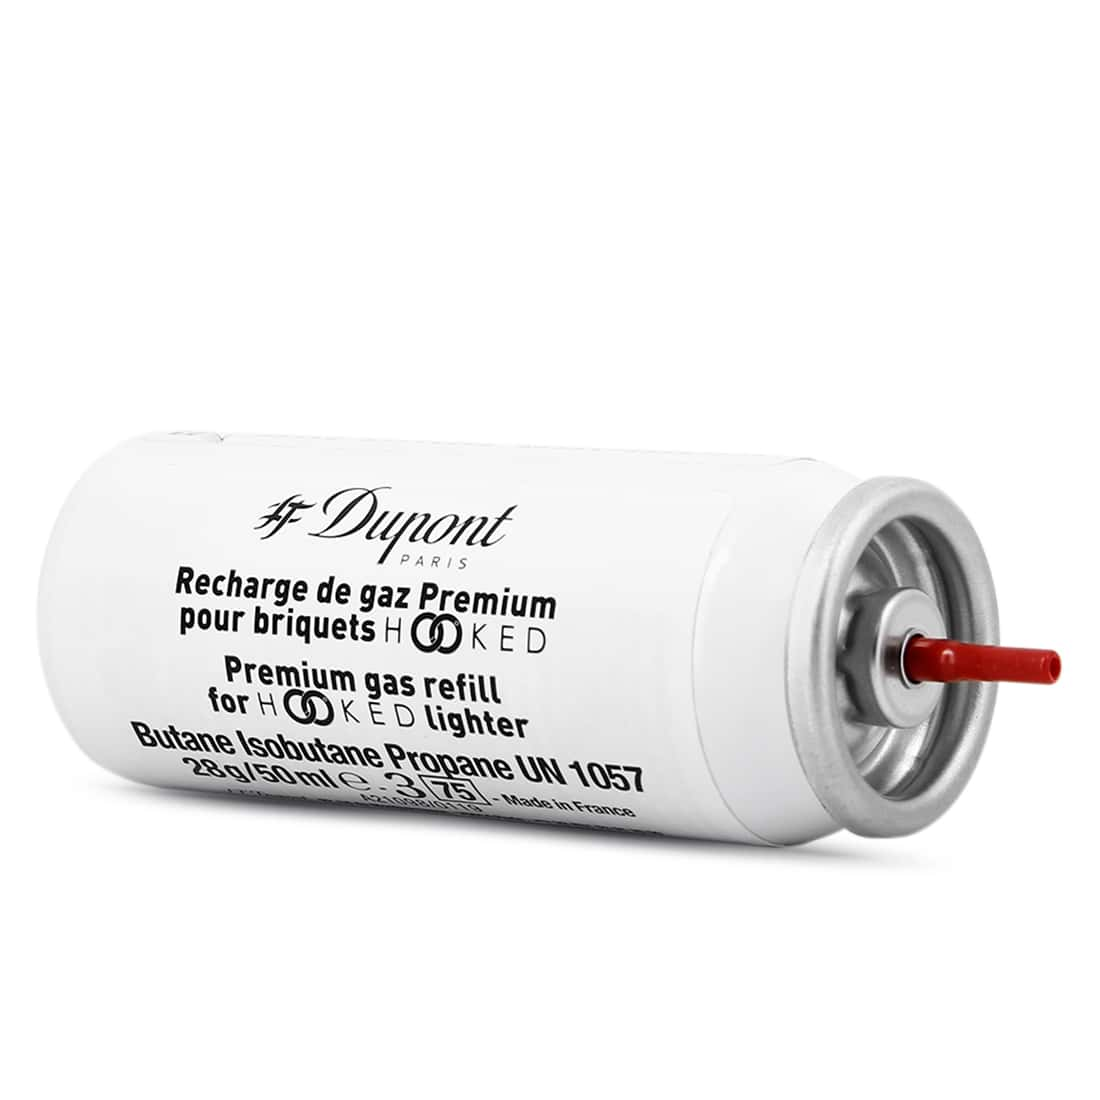 Photo #1 de Recharge gaz blanche premium S.T. Dupont 444 x2